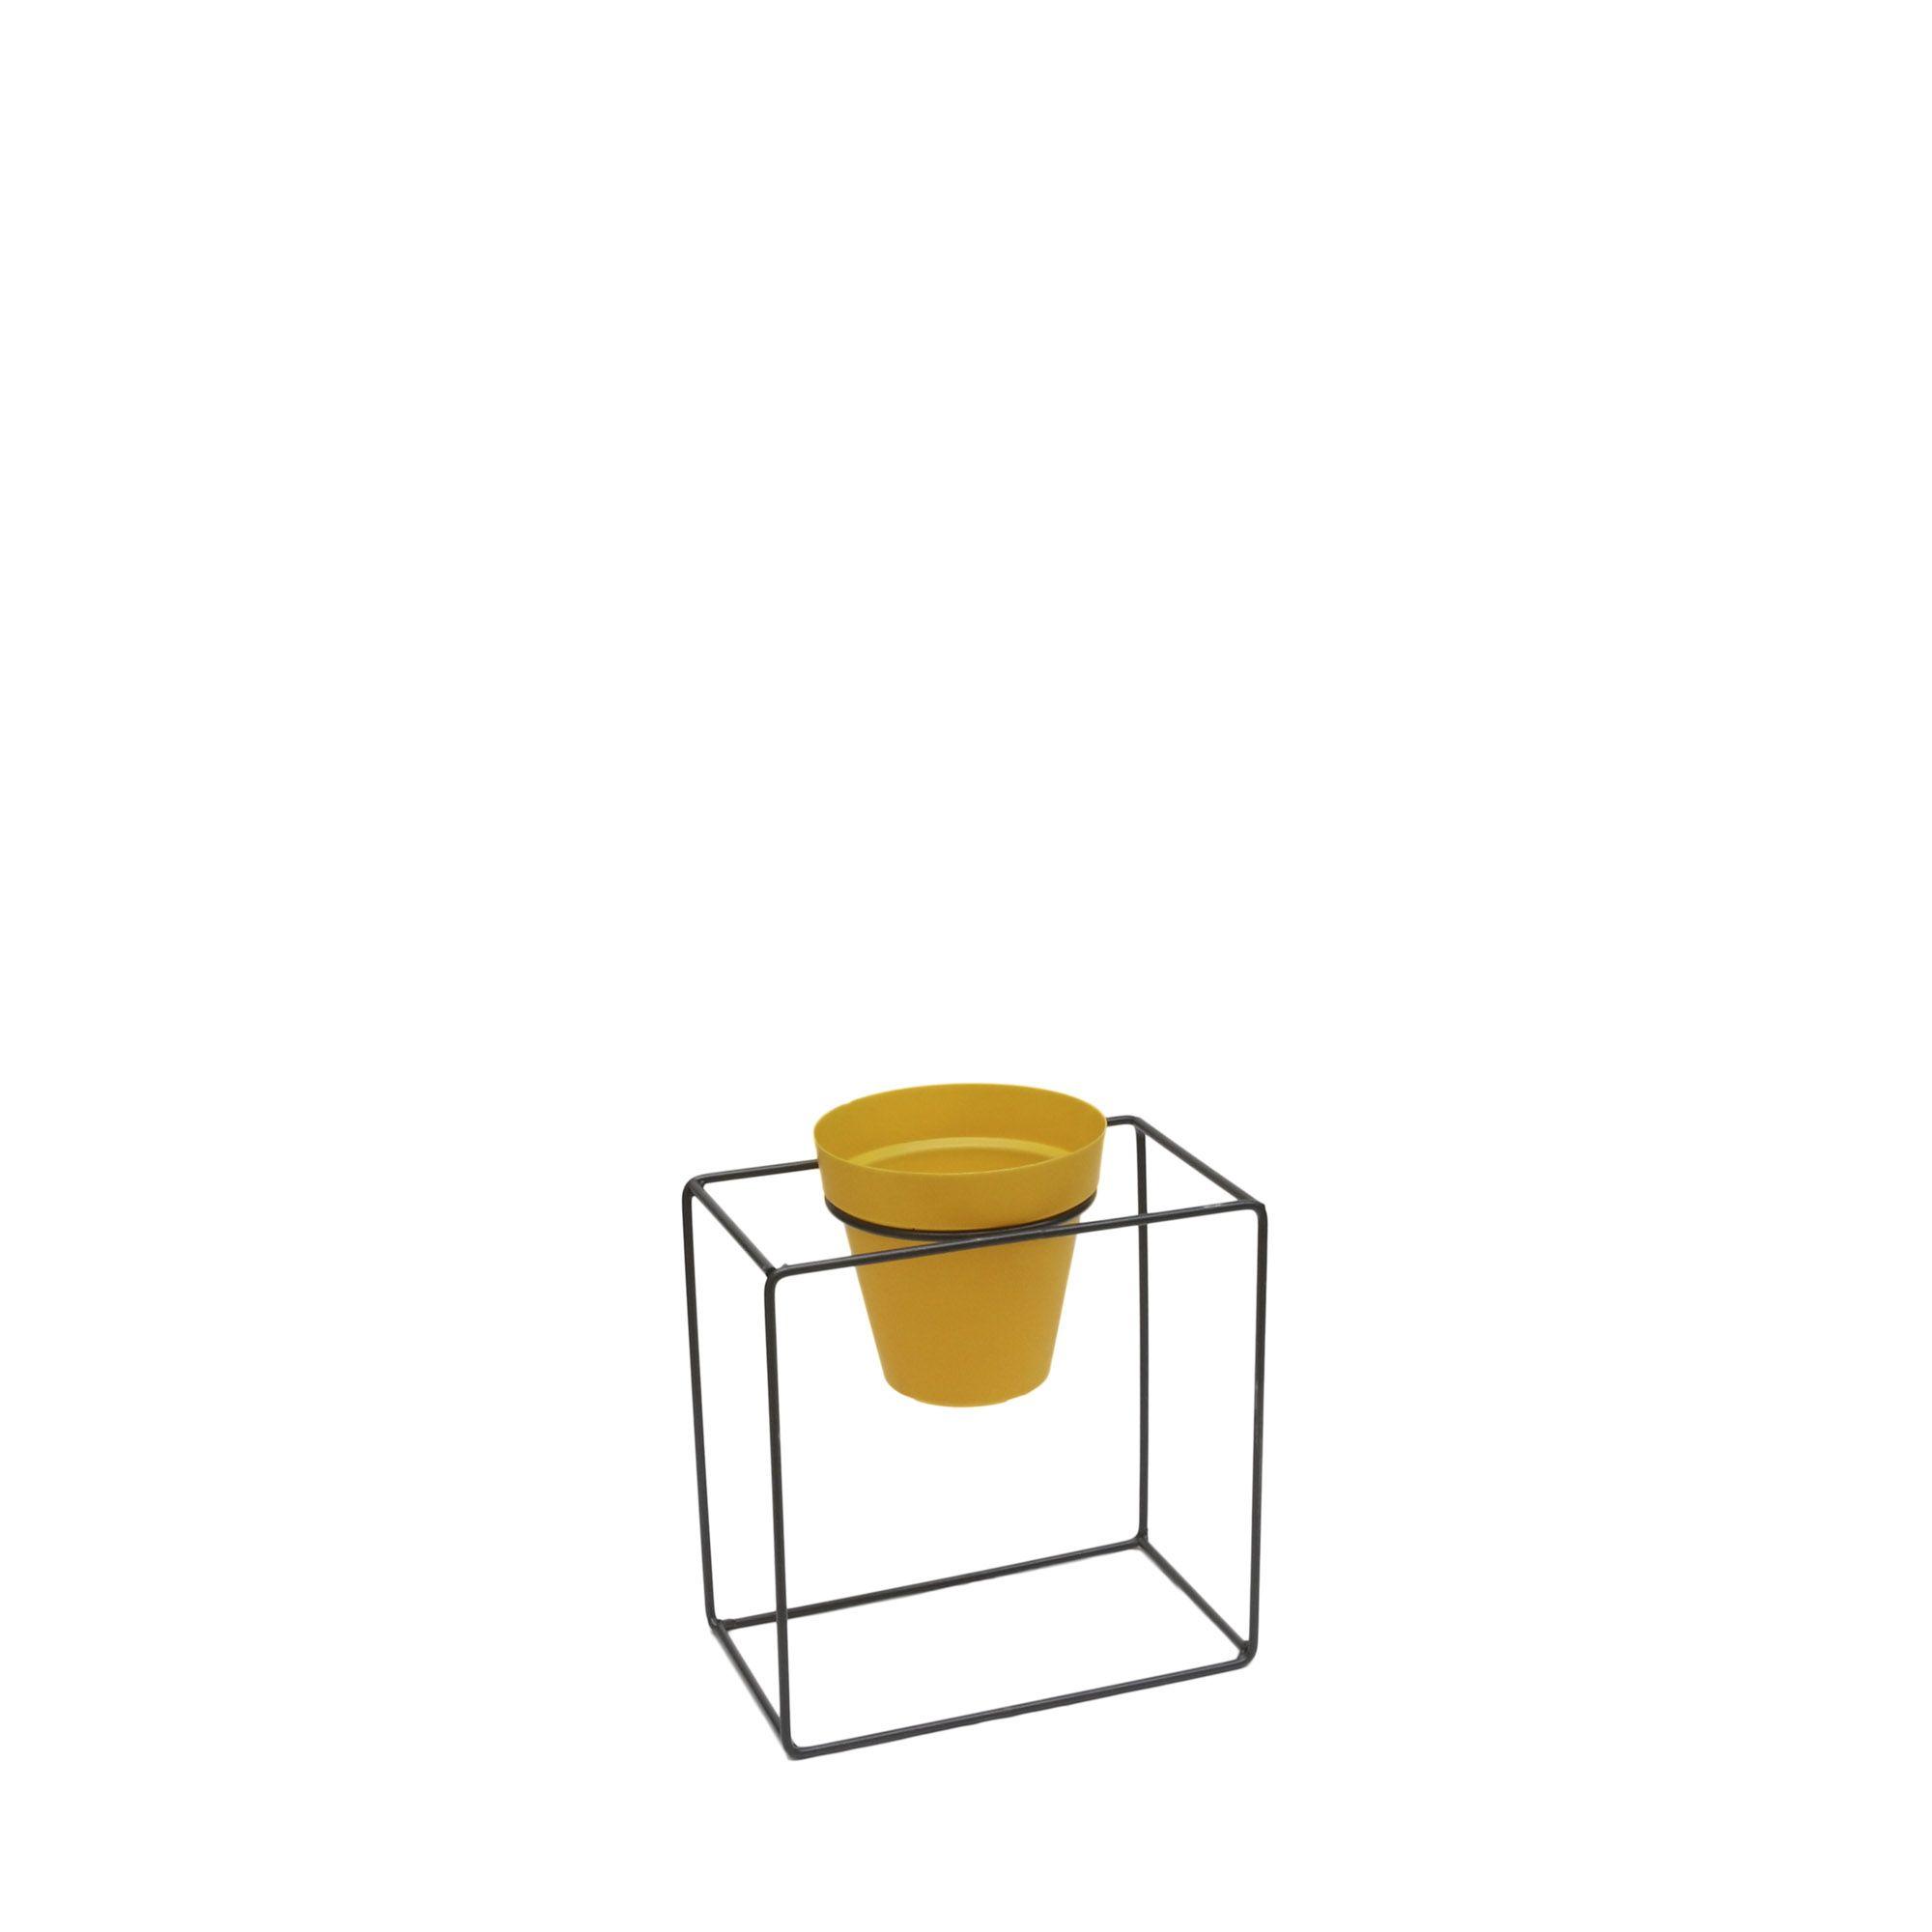 Suporte Ferro Quadrado Parede 25 x 25 cm Gratite/Preto Vasart